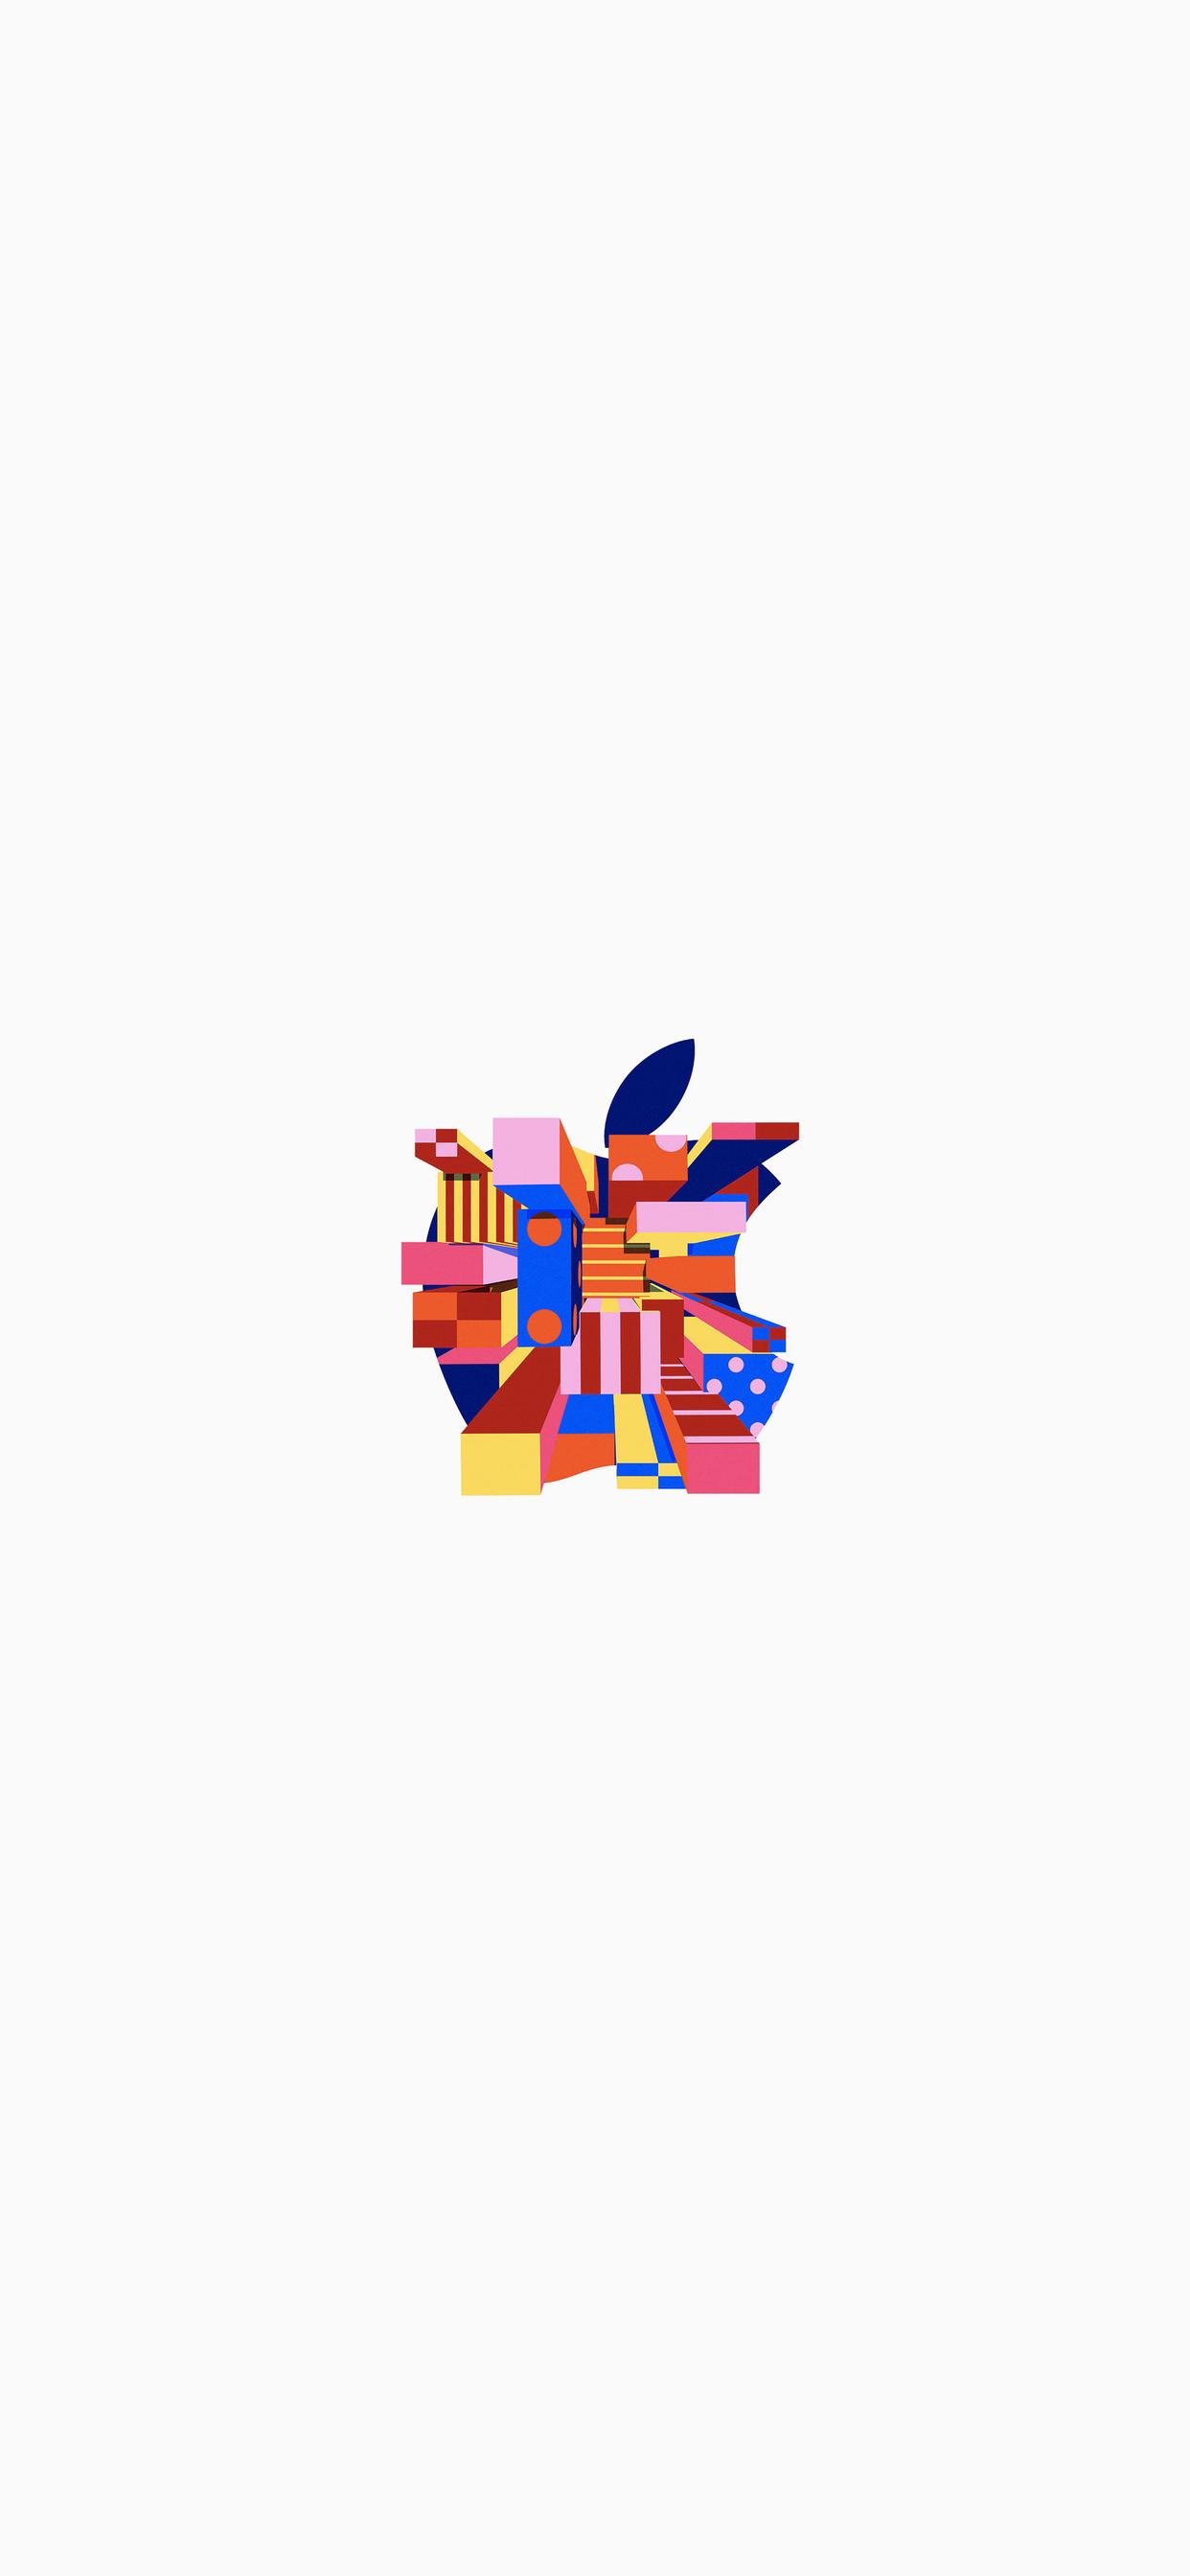 3 Fonds d'écran avec le logo Apple pour iPhone